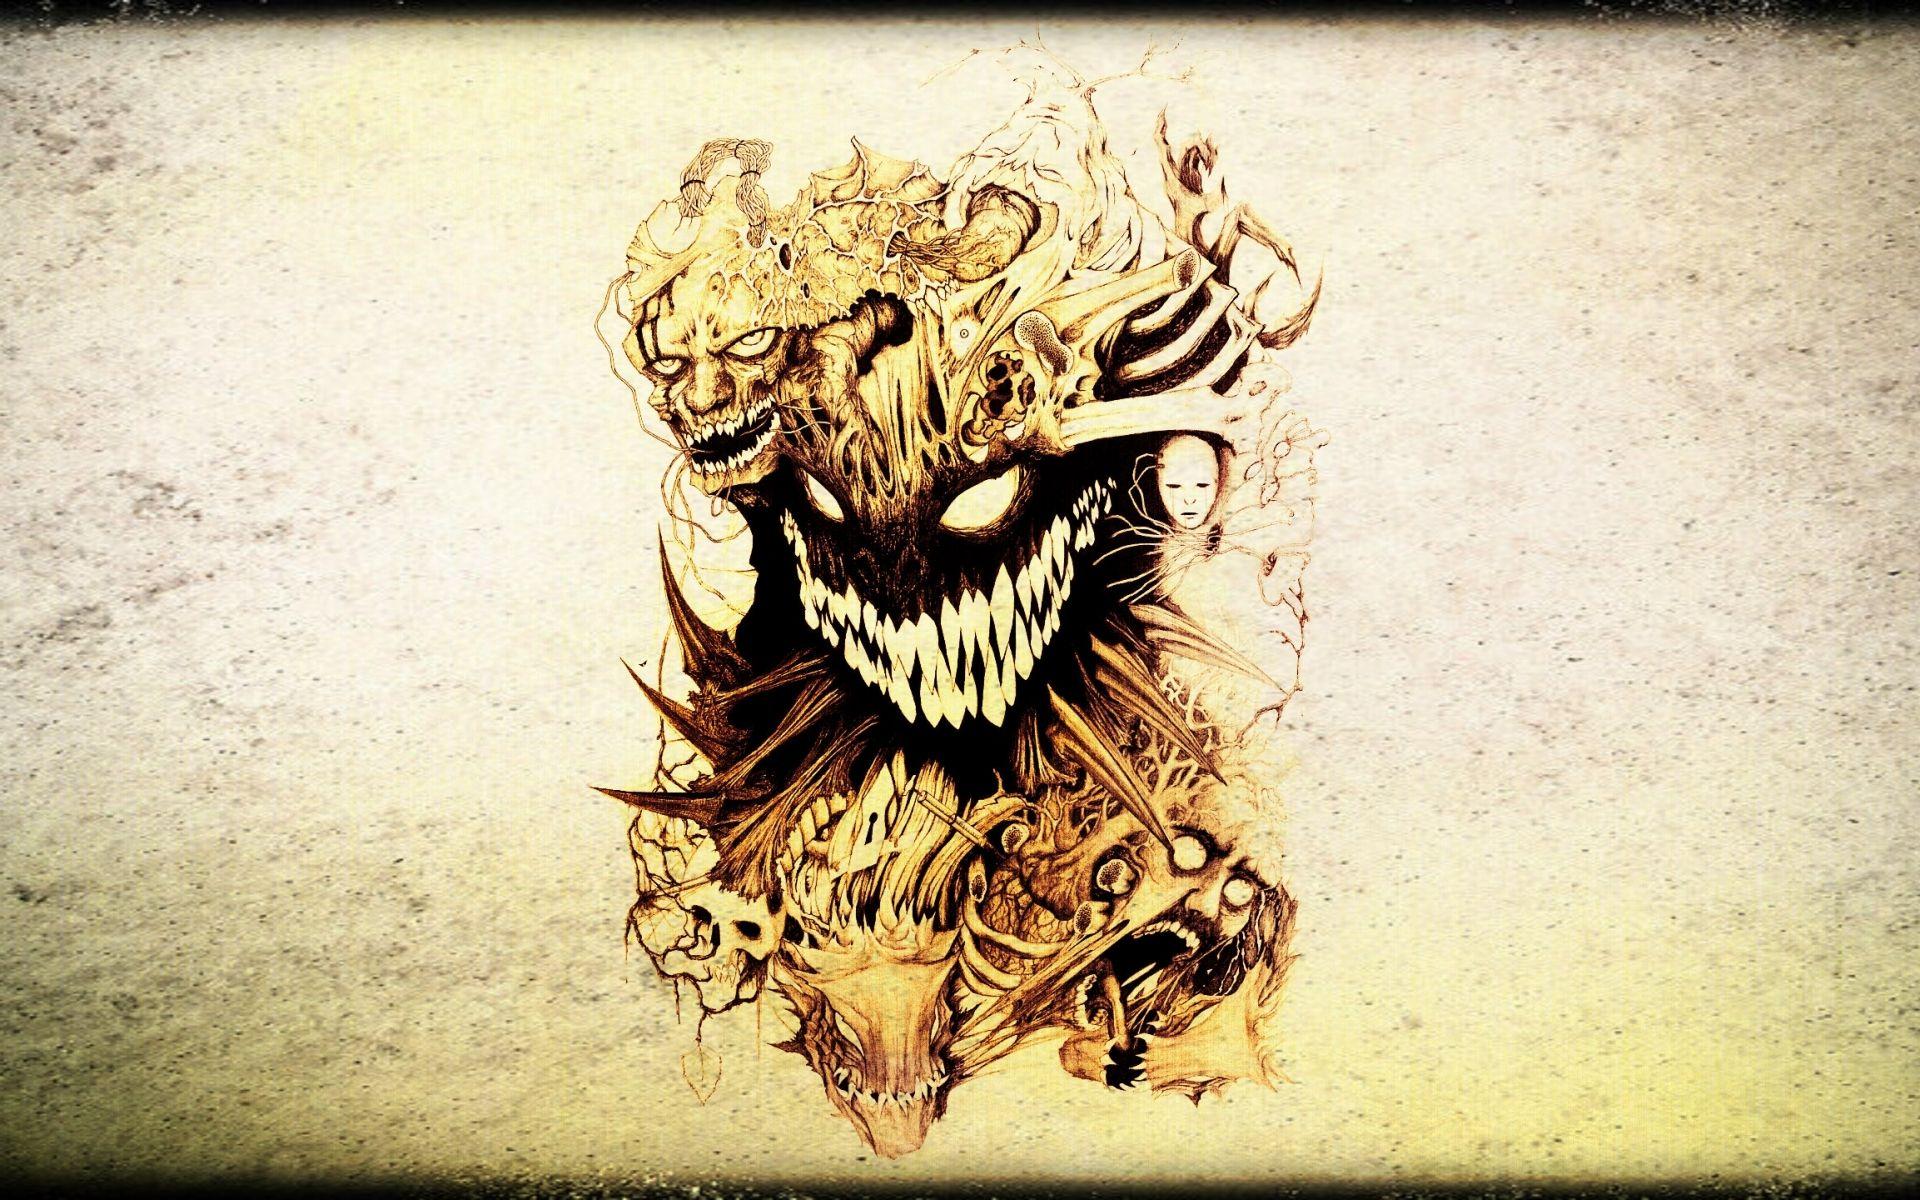 Dark horror skull evil tattoo wallpaper 1920x1200